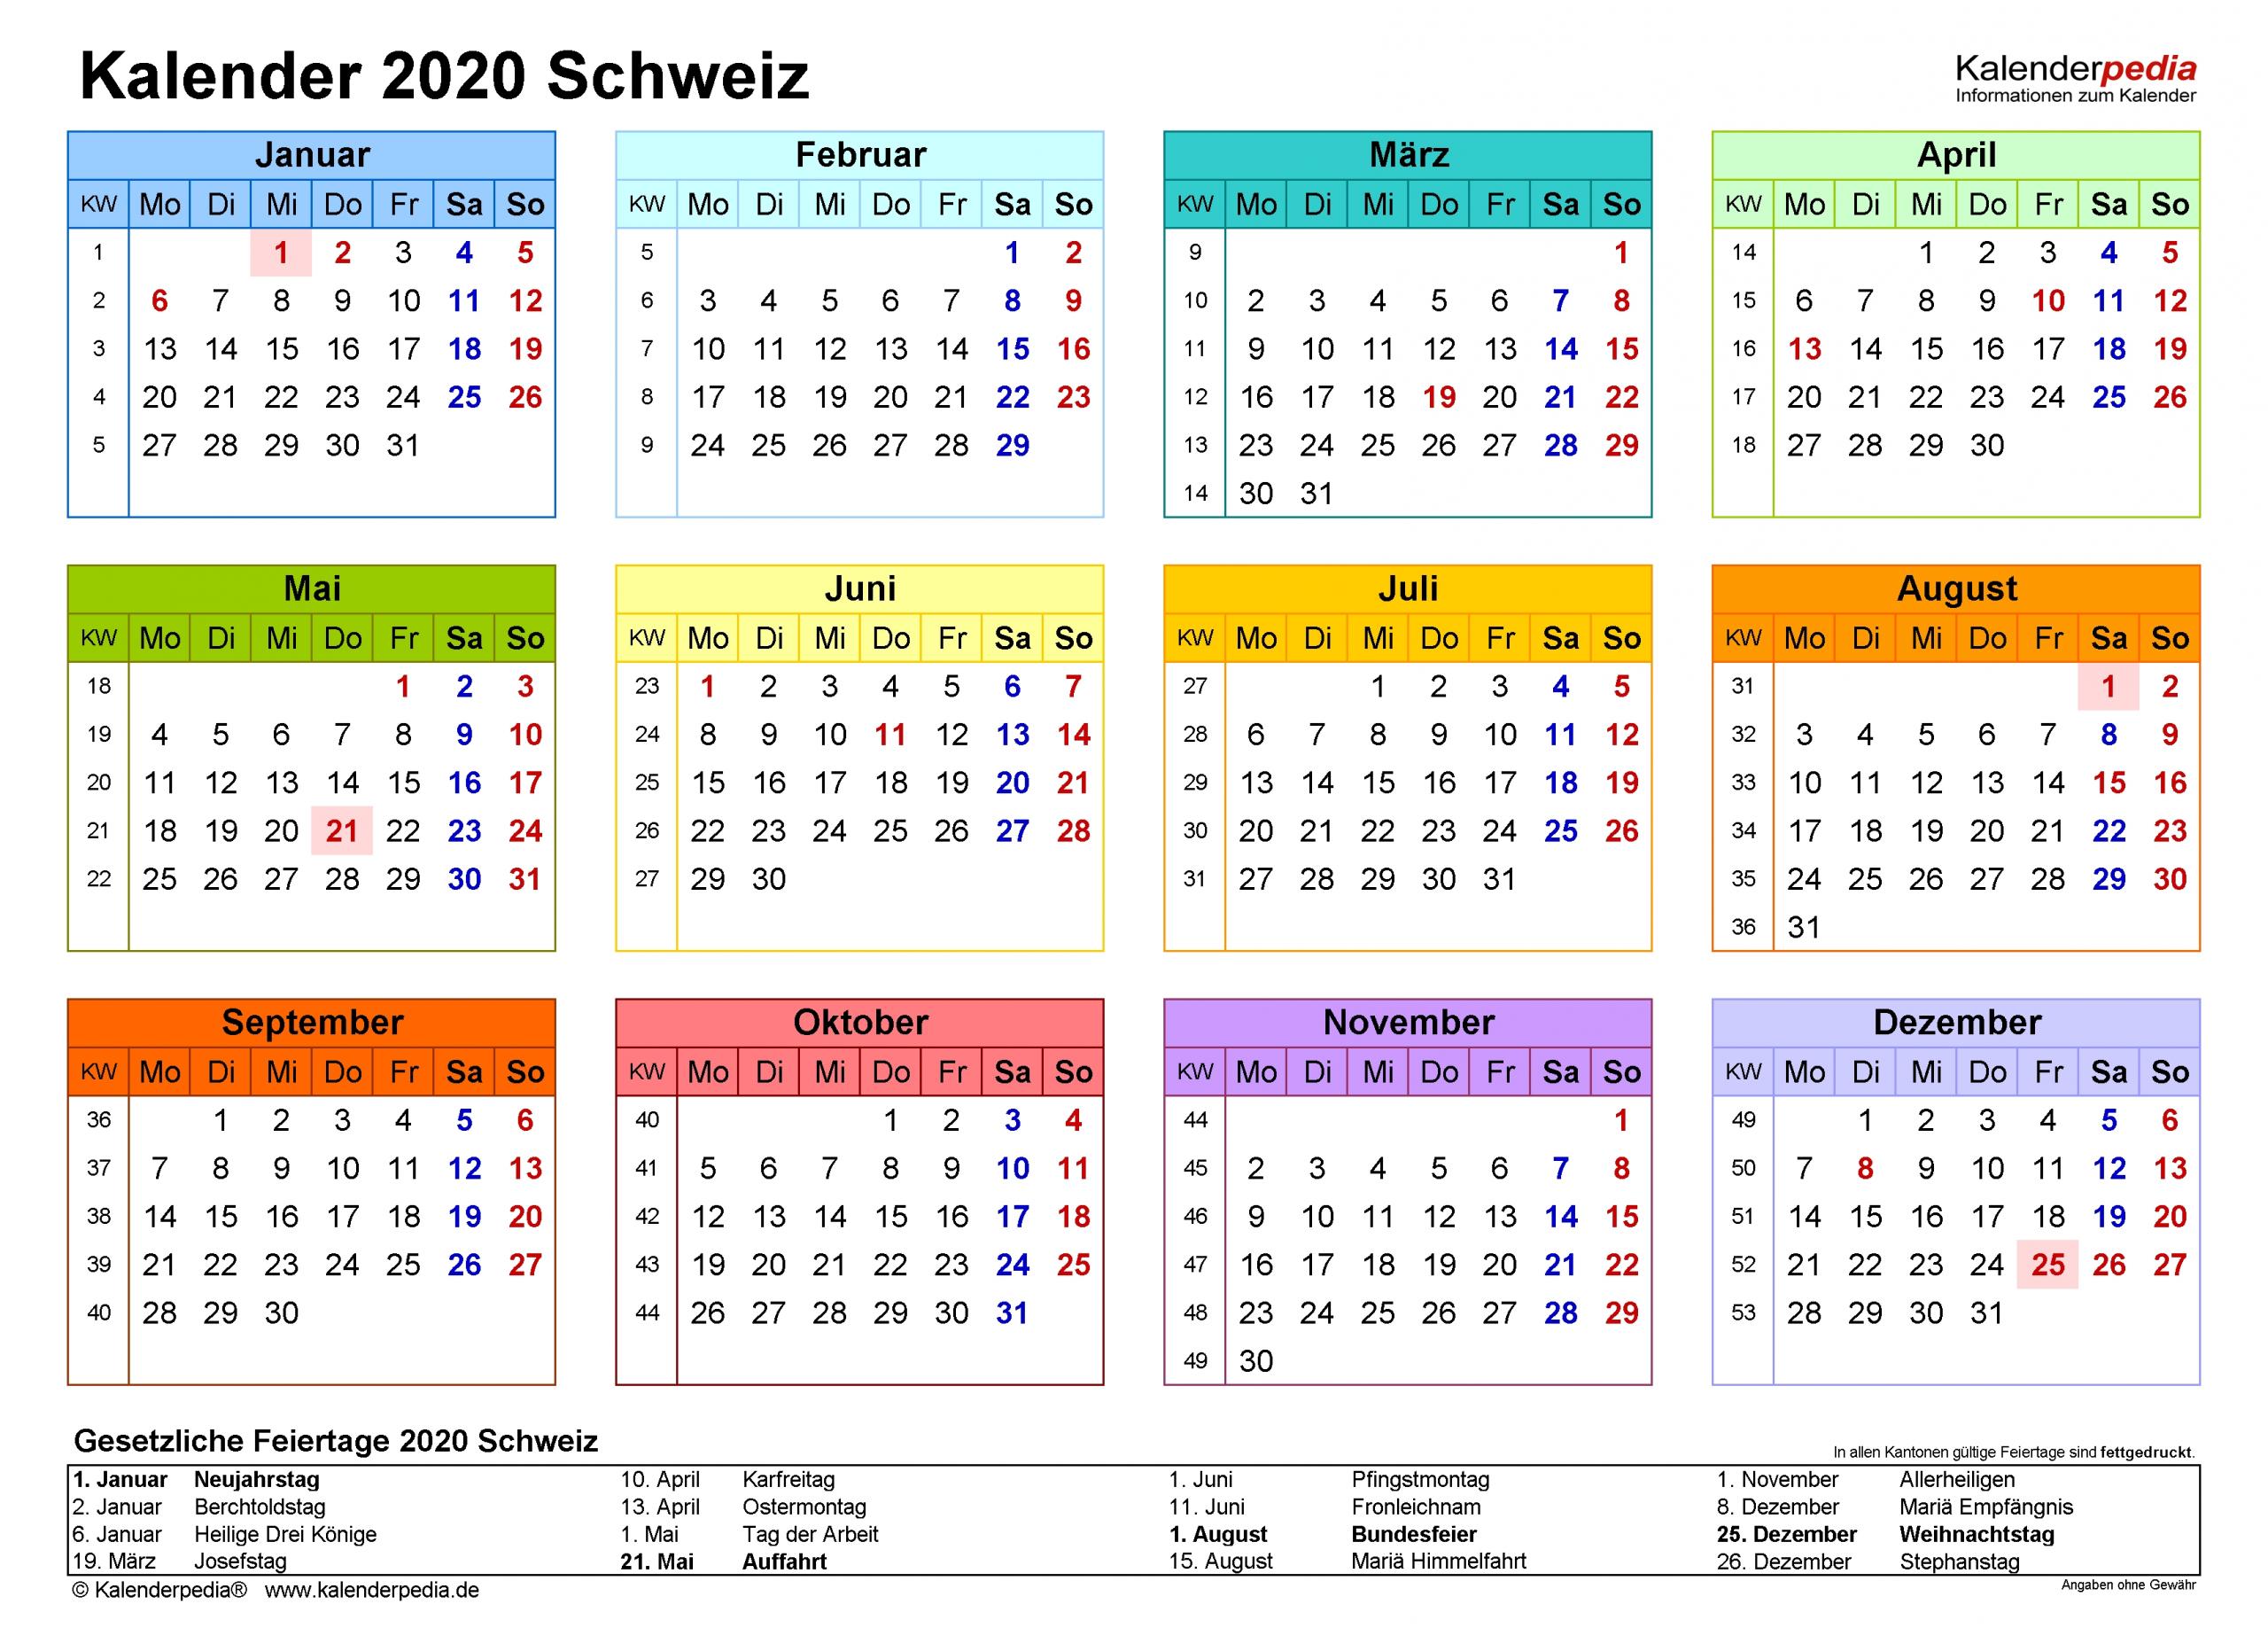 Get Kalender Zum Bearbeiten